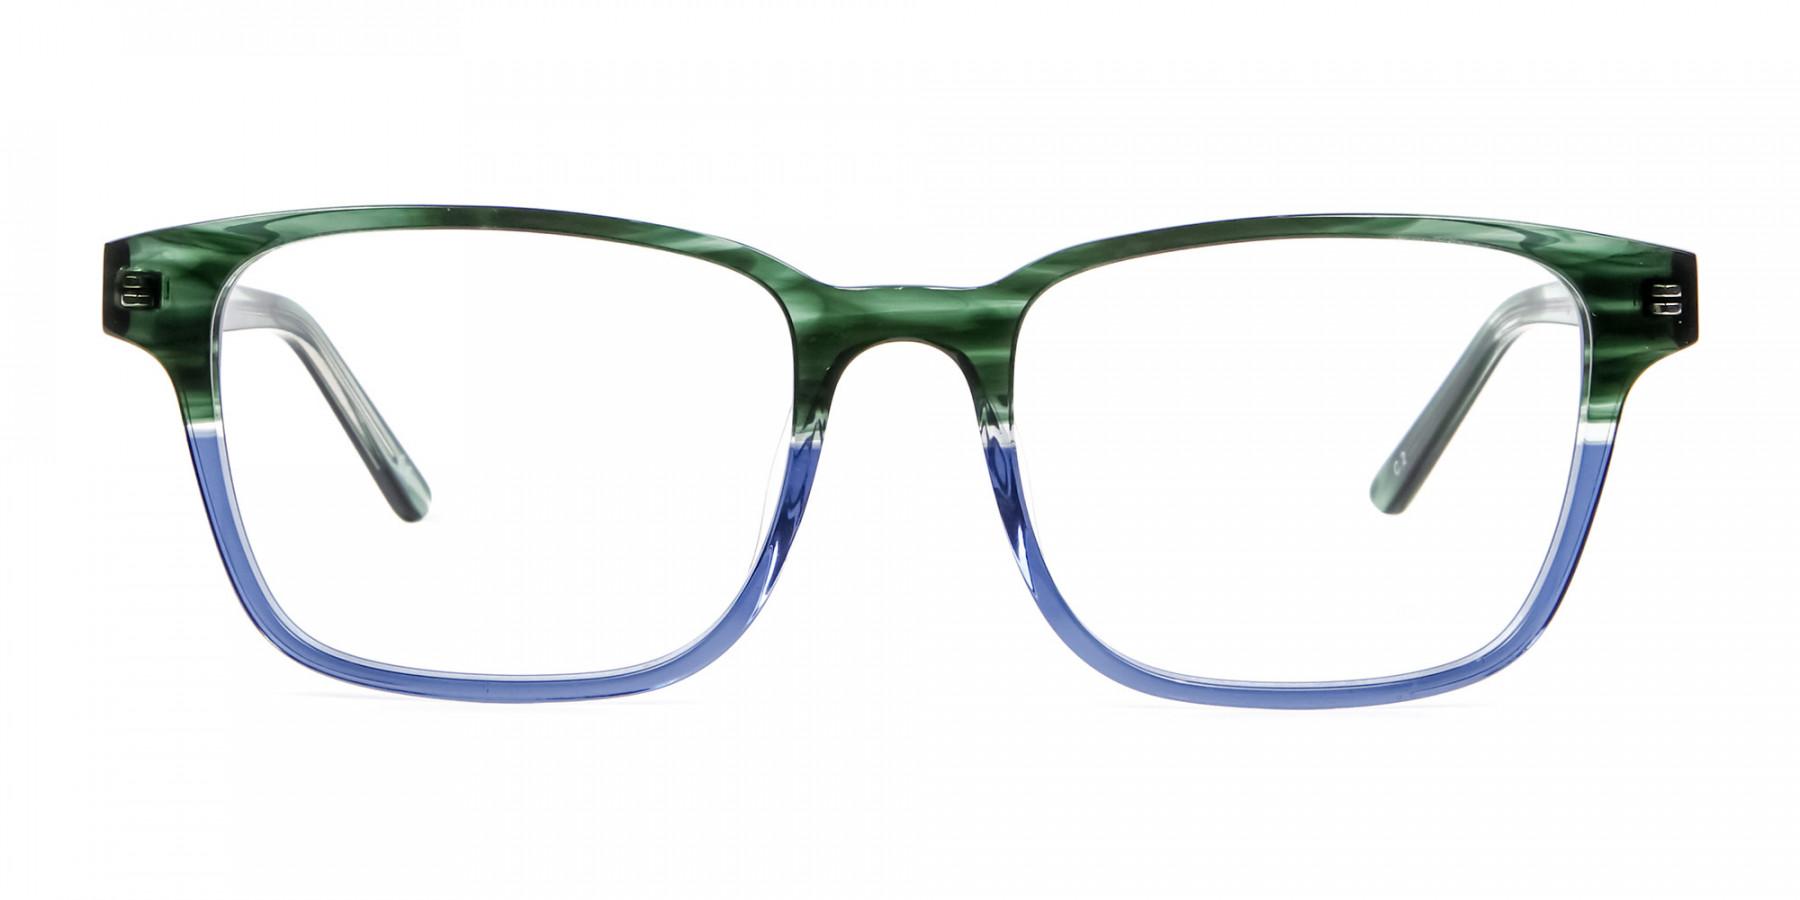 Green & Blue Rectangular Glasses